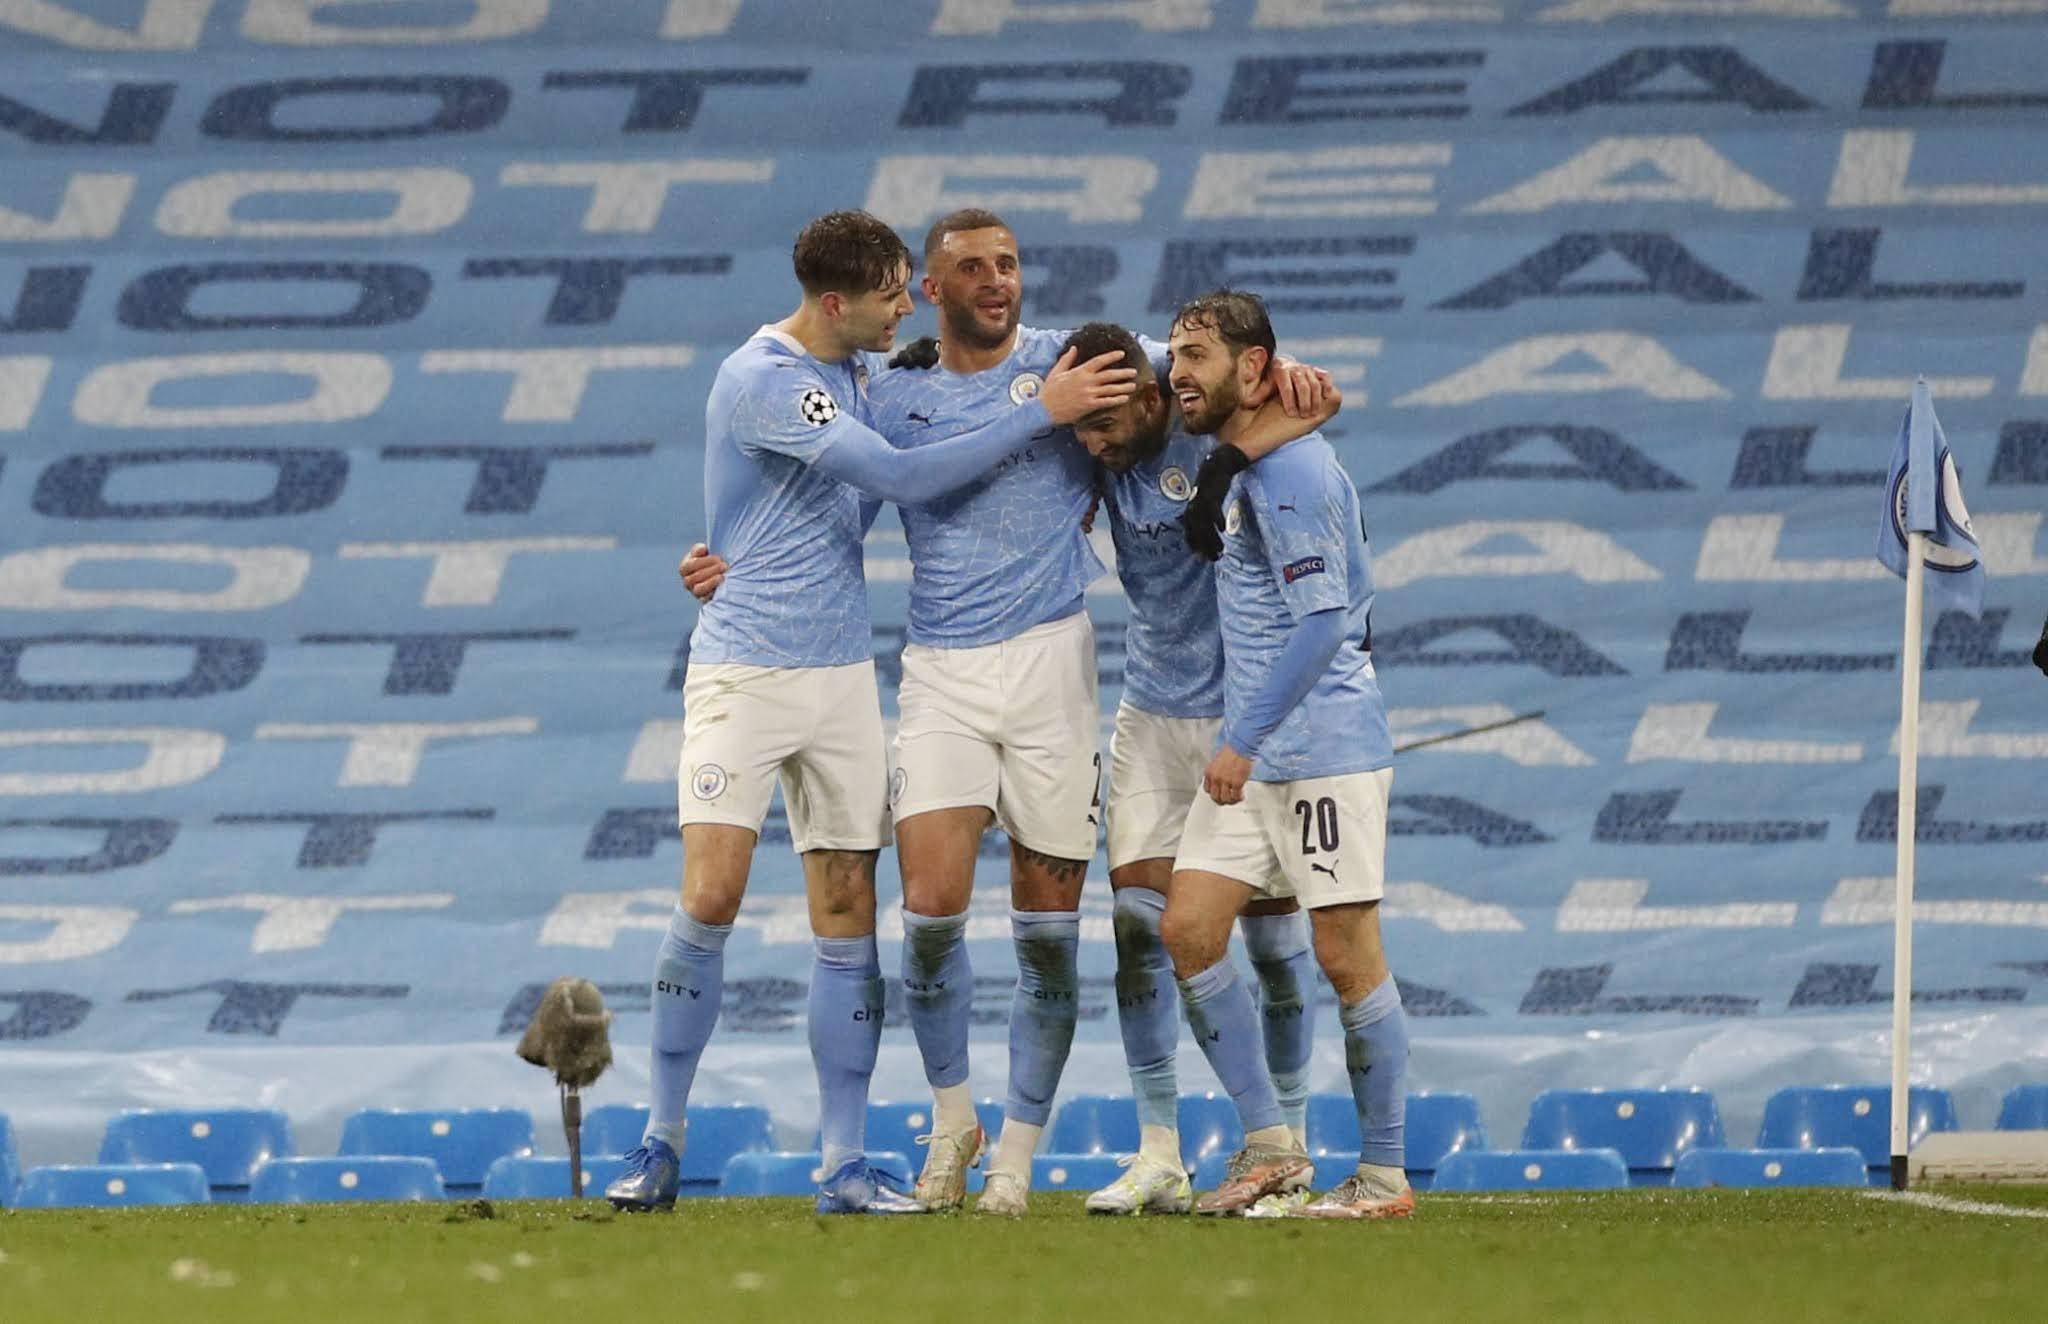 Manchester City, con el ingreso de Agüero, pasó a la final de la Champions League por primera vez en su historia